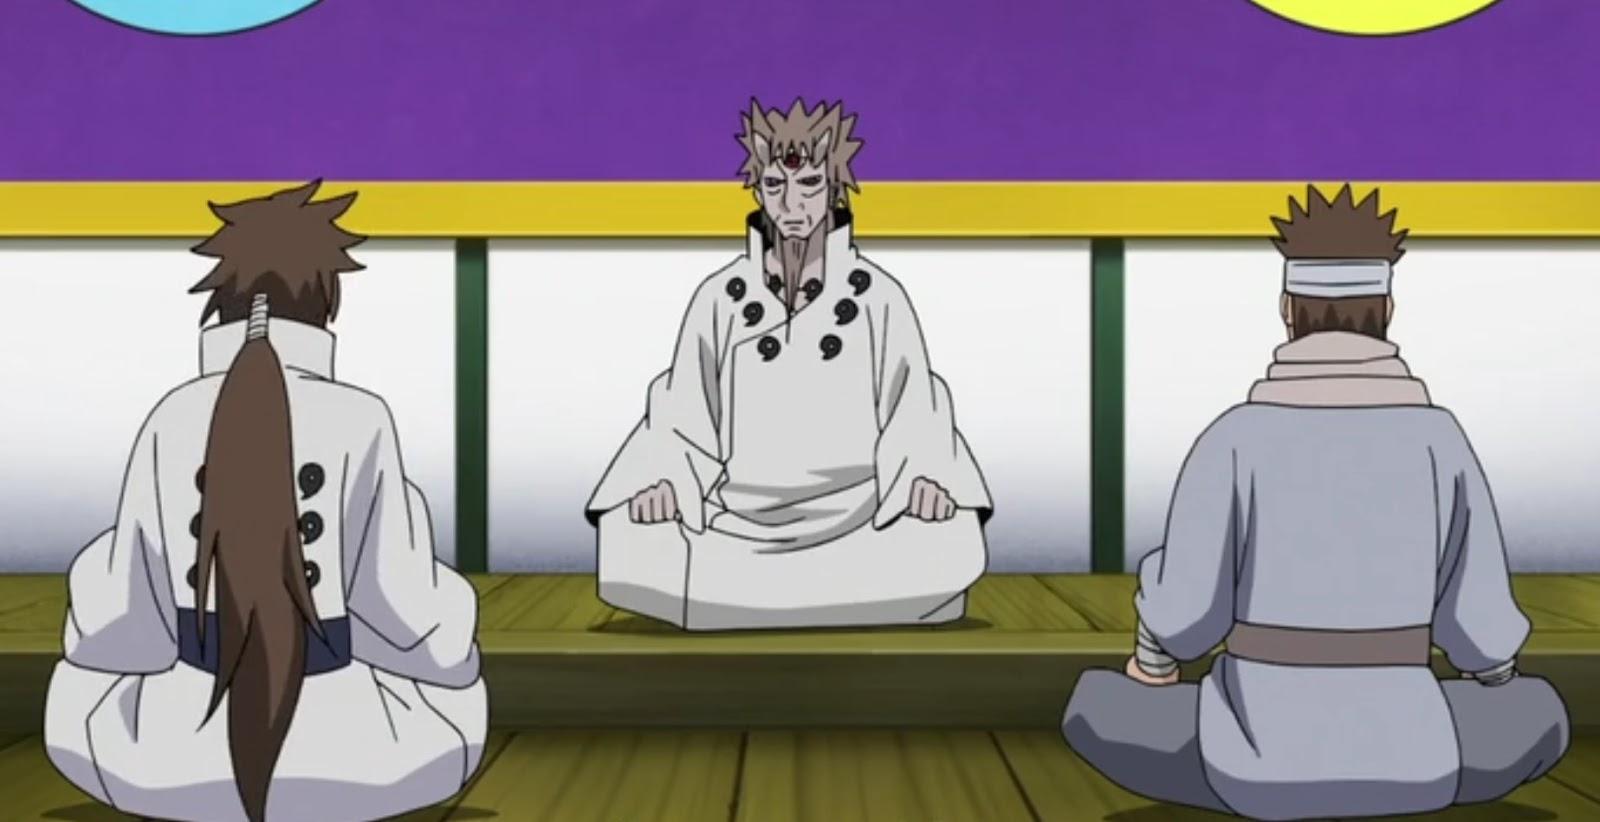 Naruto Shippuden Episódio 468, Assistir Naruto Shippuden Episódio 468, Assistir Naruto Shippuden Todos os Episódios Legendado, Naruto Shippuden episódio 468,HD